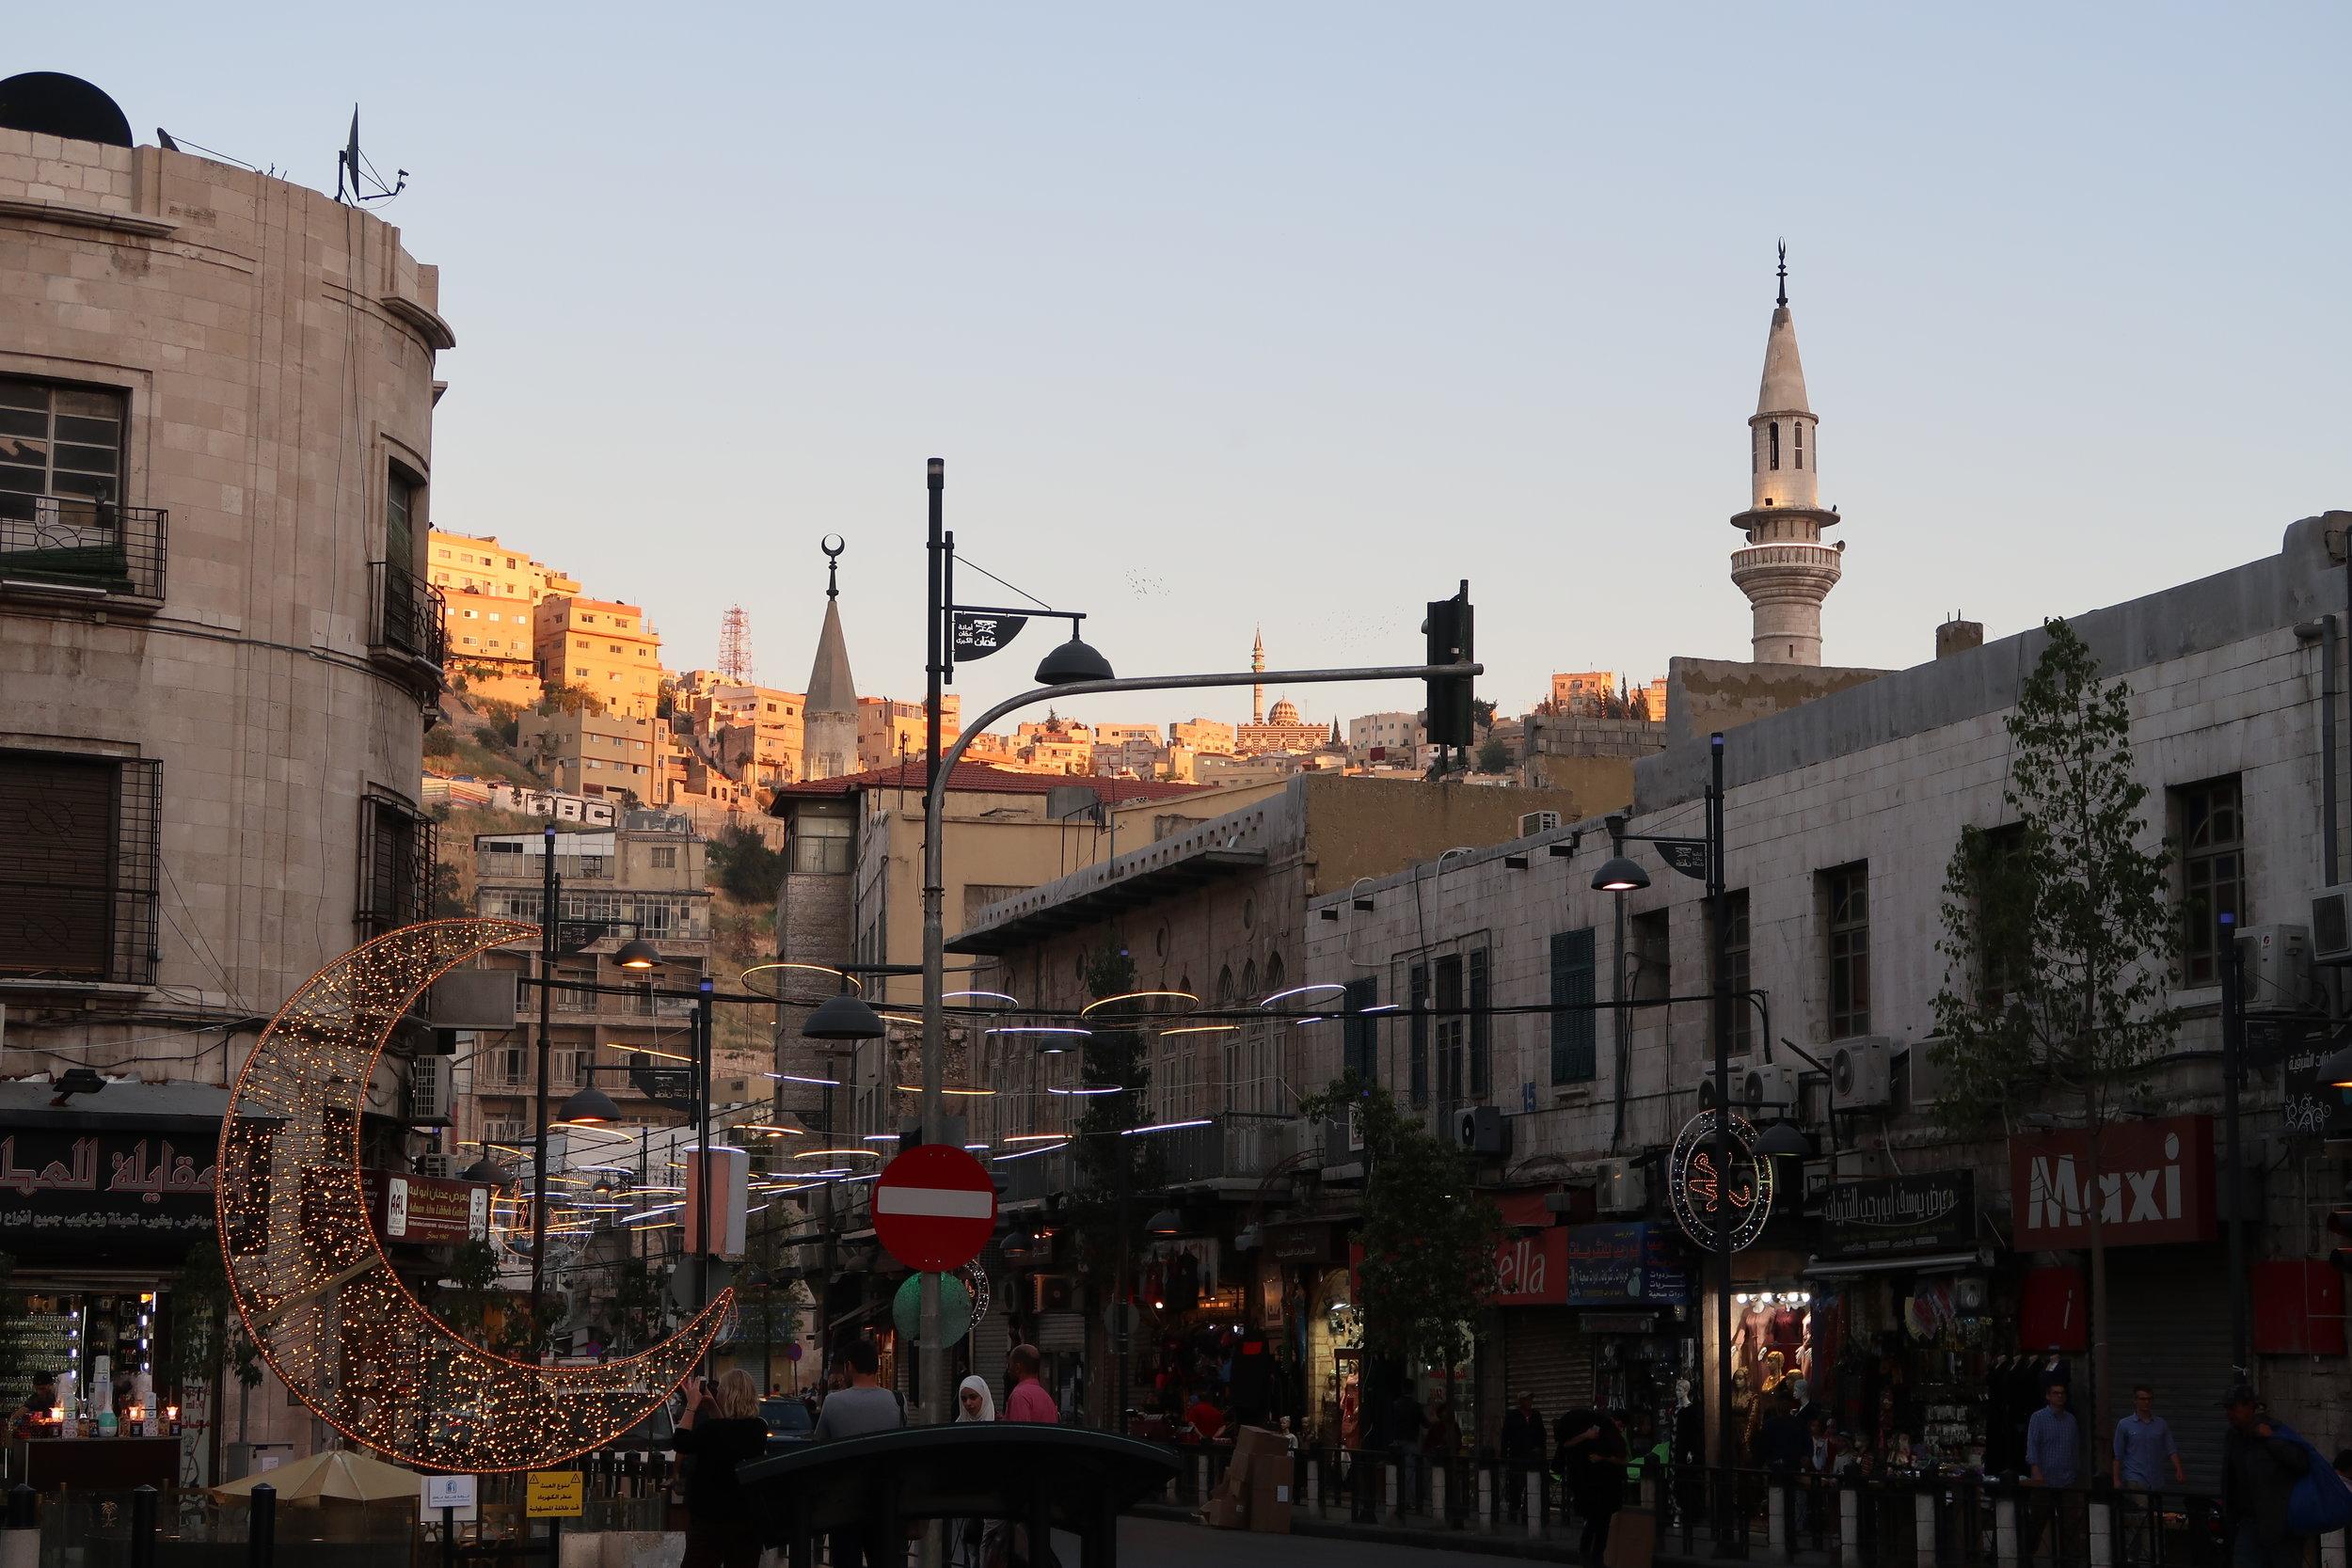 安曼老城主街上的斋月节月亮形状装饰灯